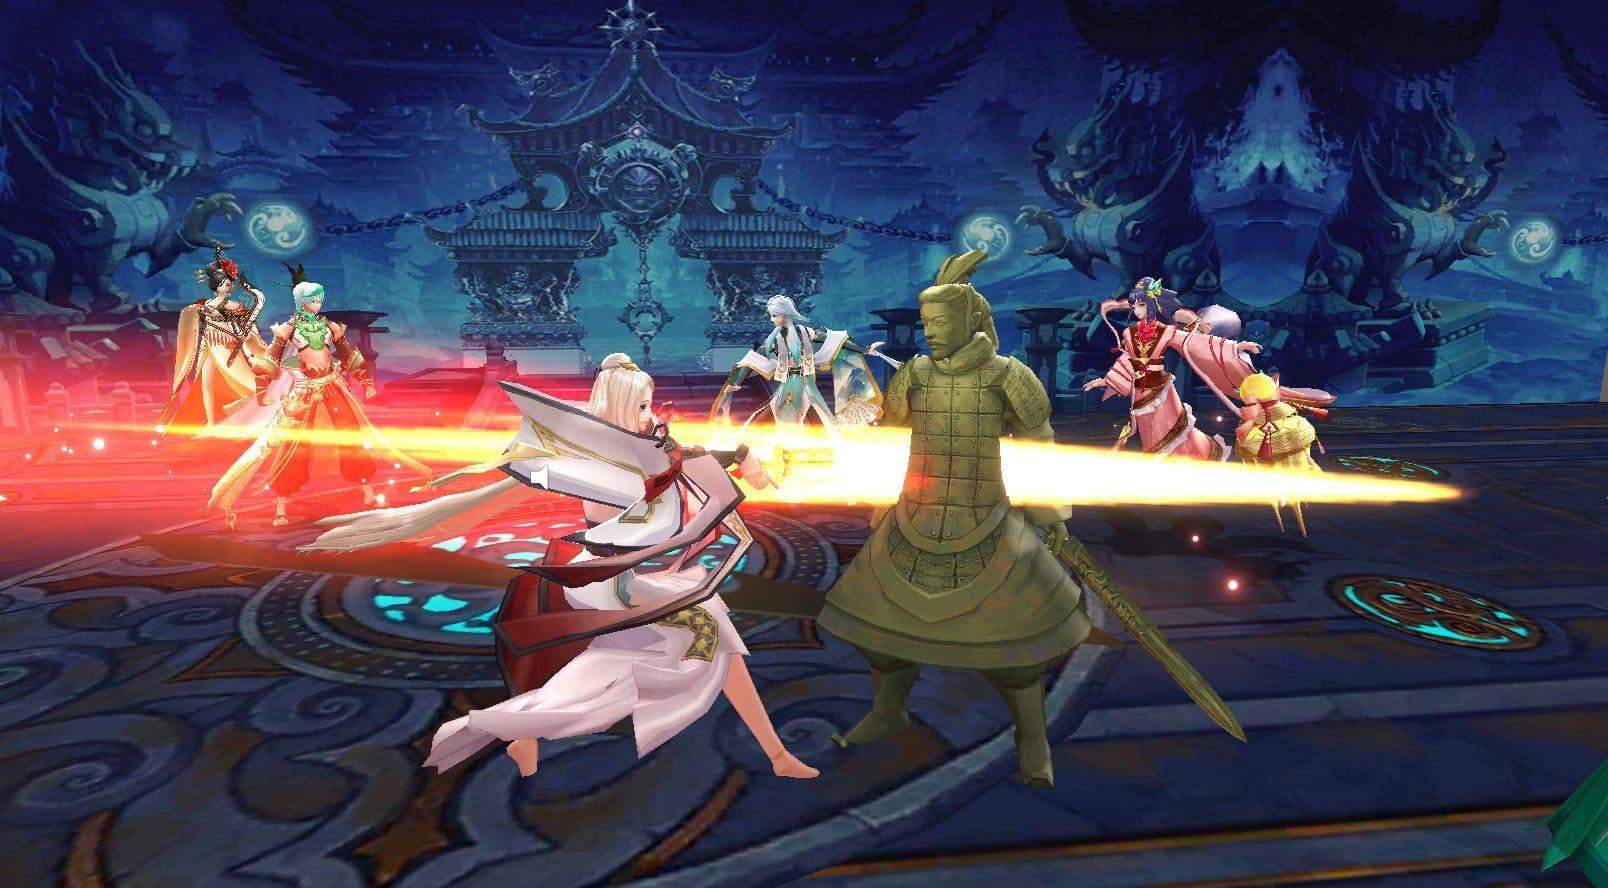 Ngự Hồn Sư công bố lộ trình ra mắt, mở link tải trước game